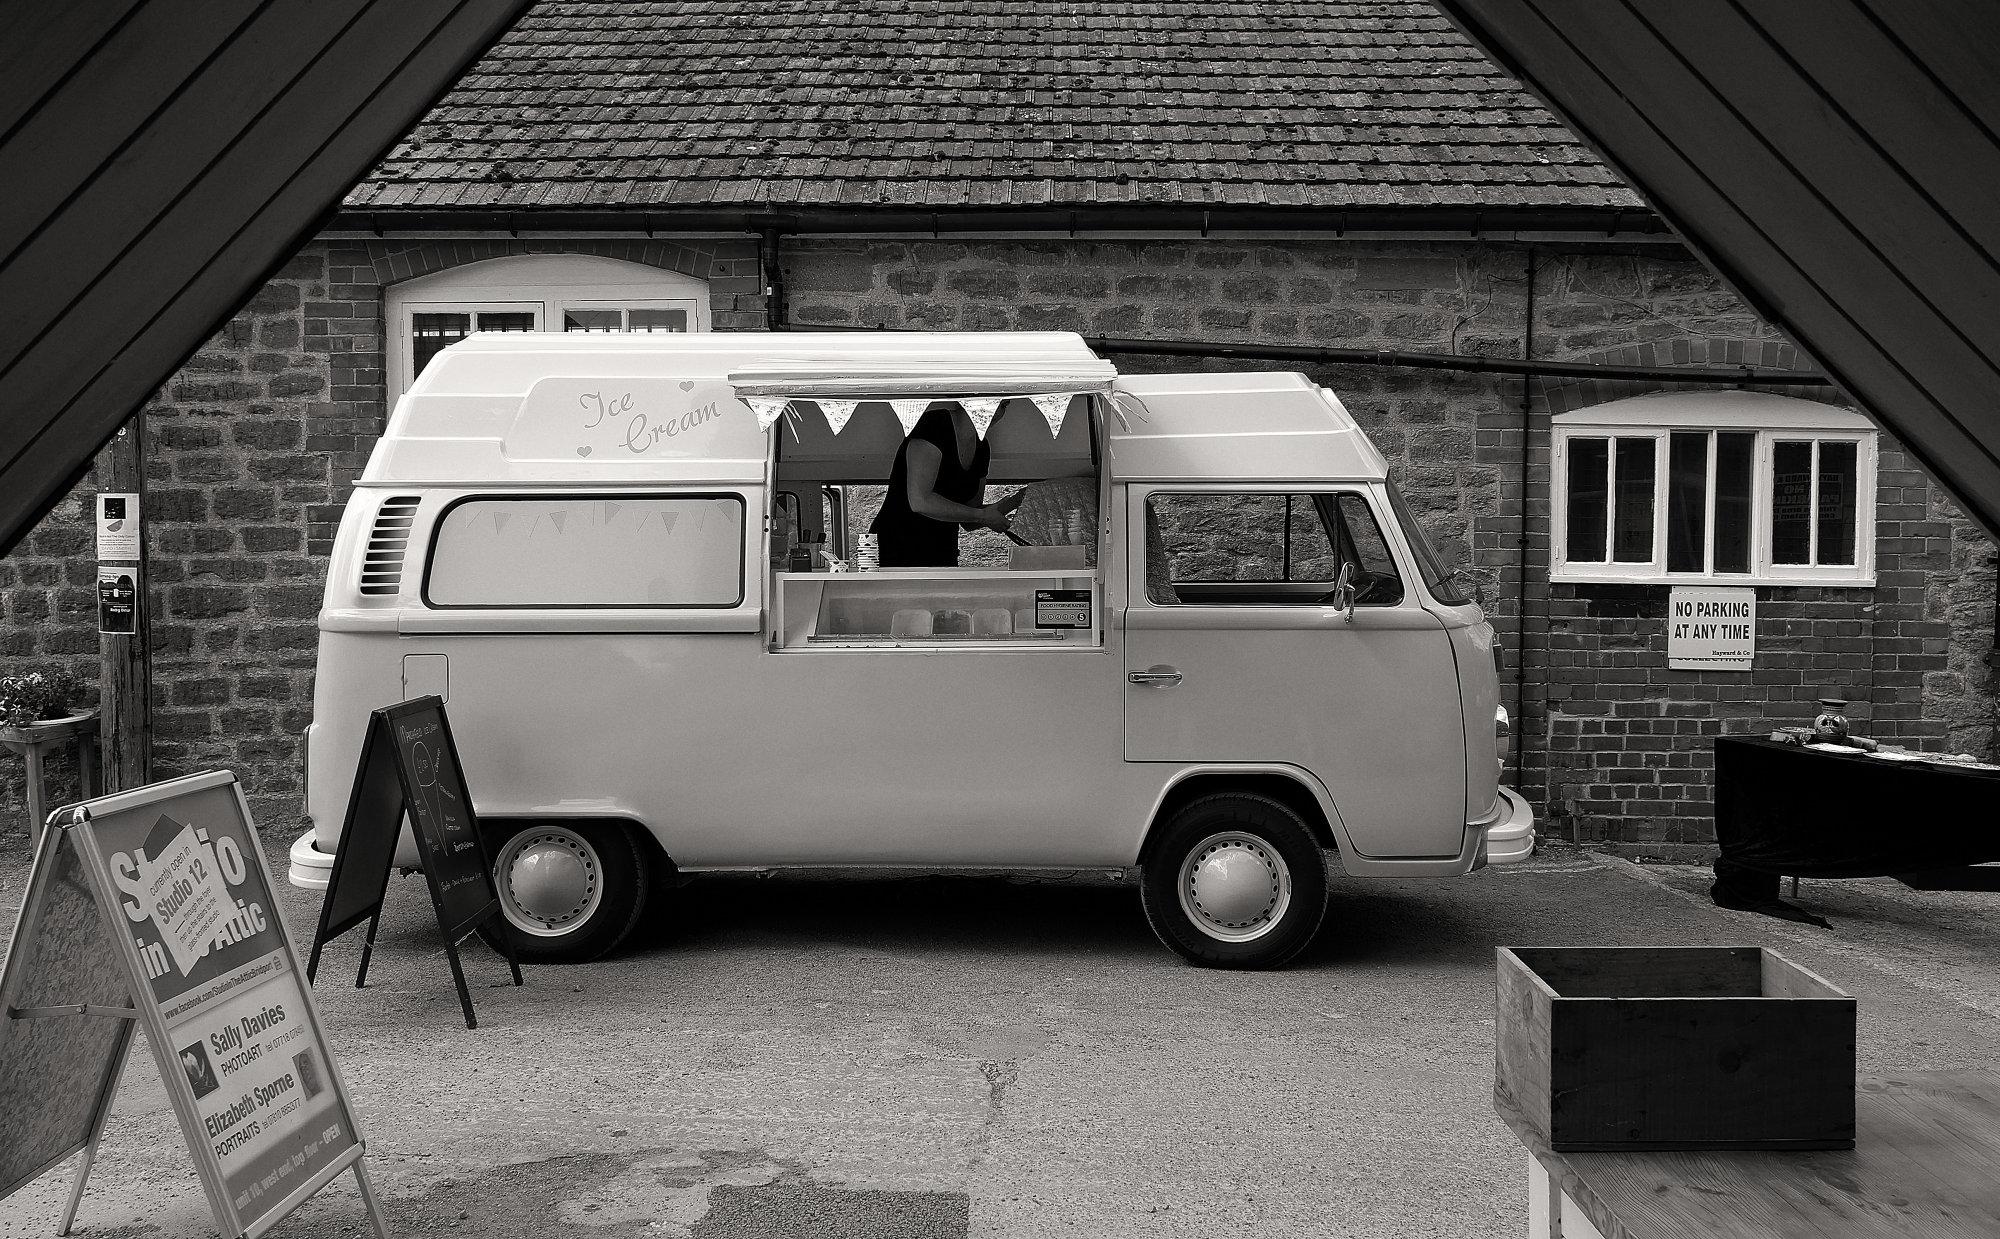 VW Camper (Ice Cream) Van